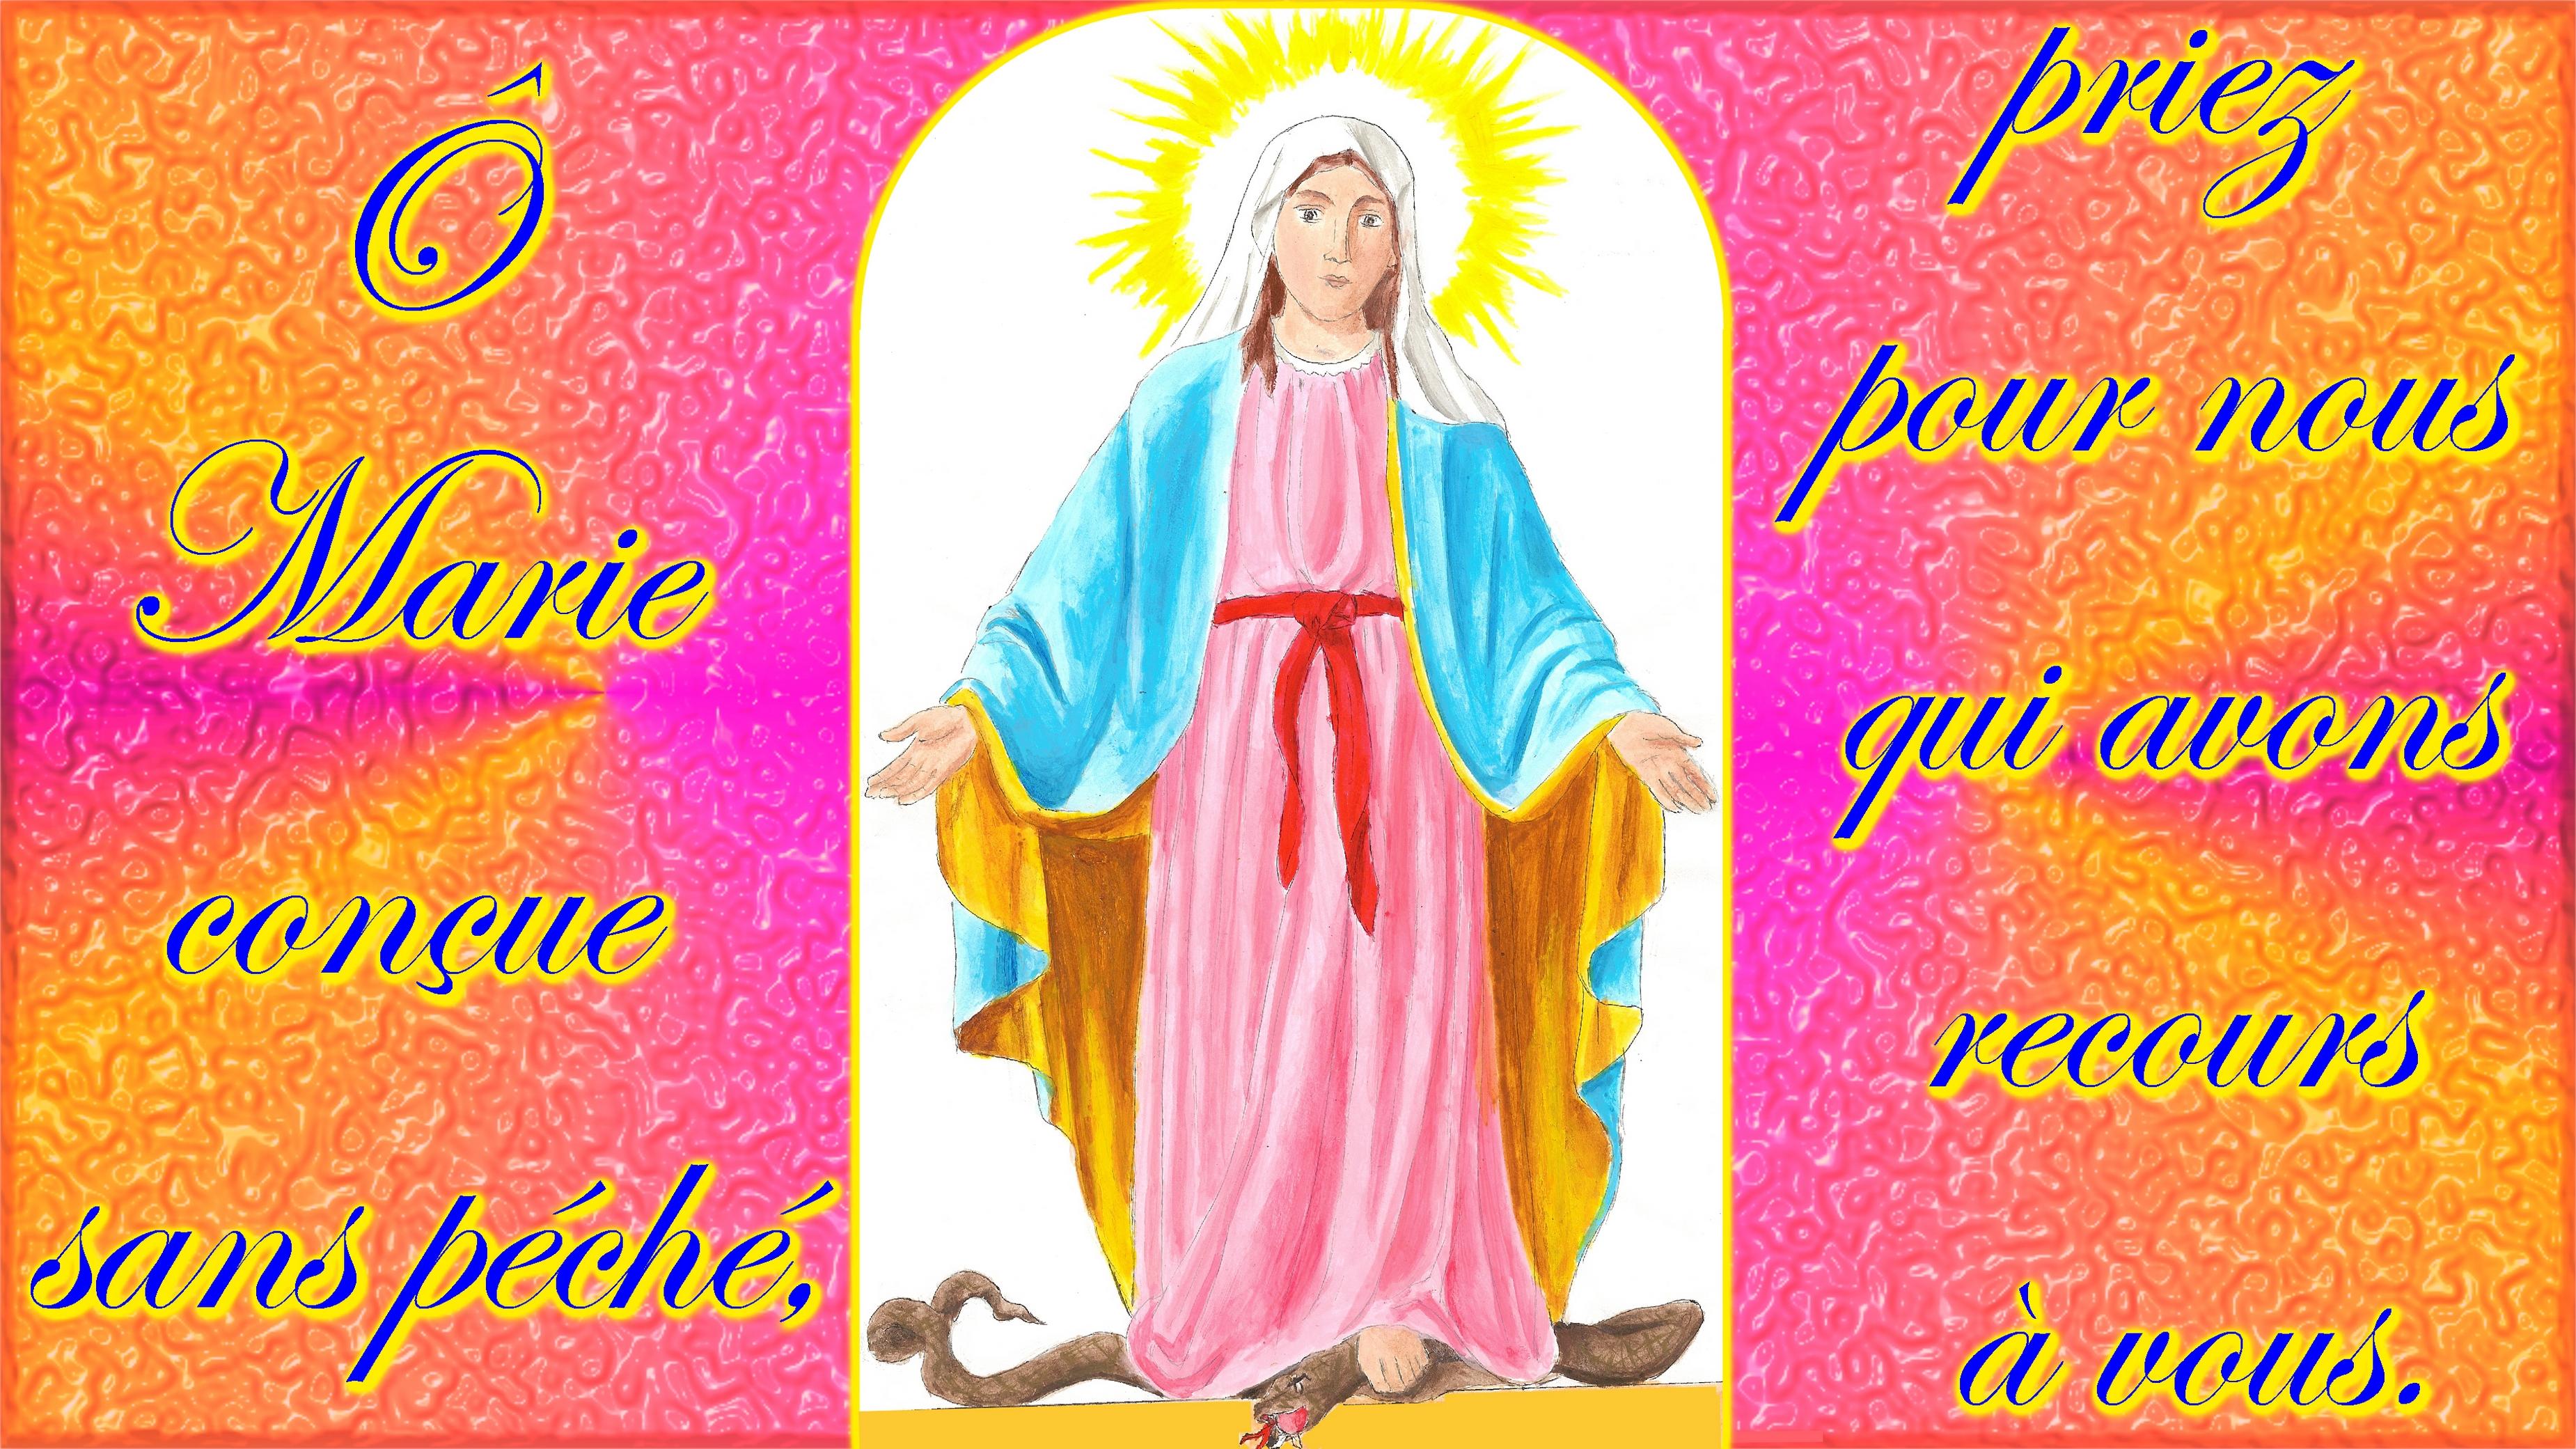 CALENDRIER CATHOLIQUE 2019 (Cantiques, Prières & Images) - Page 17 L-immacul-e-conception-2--56d5fb9